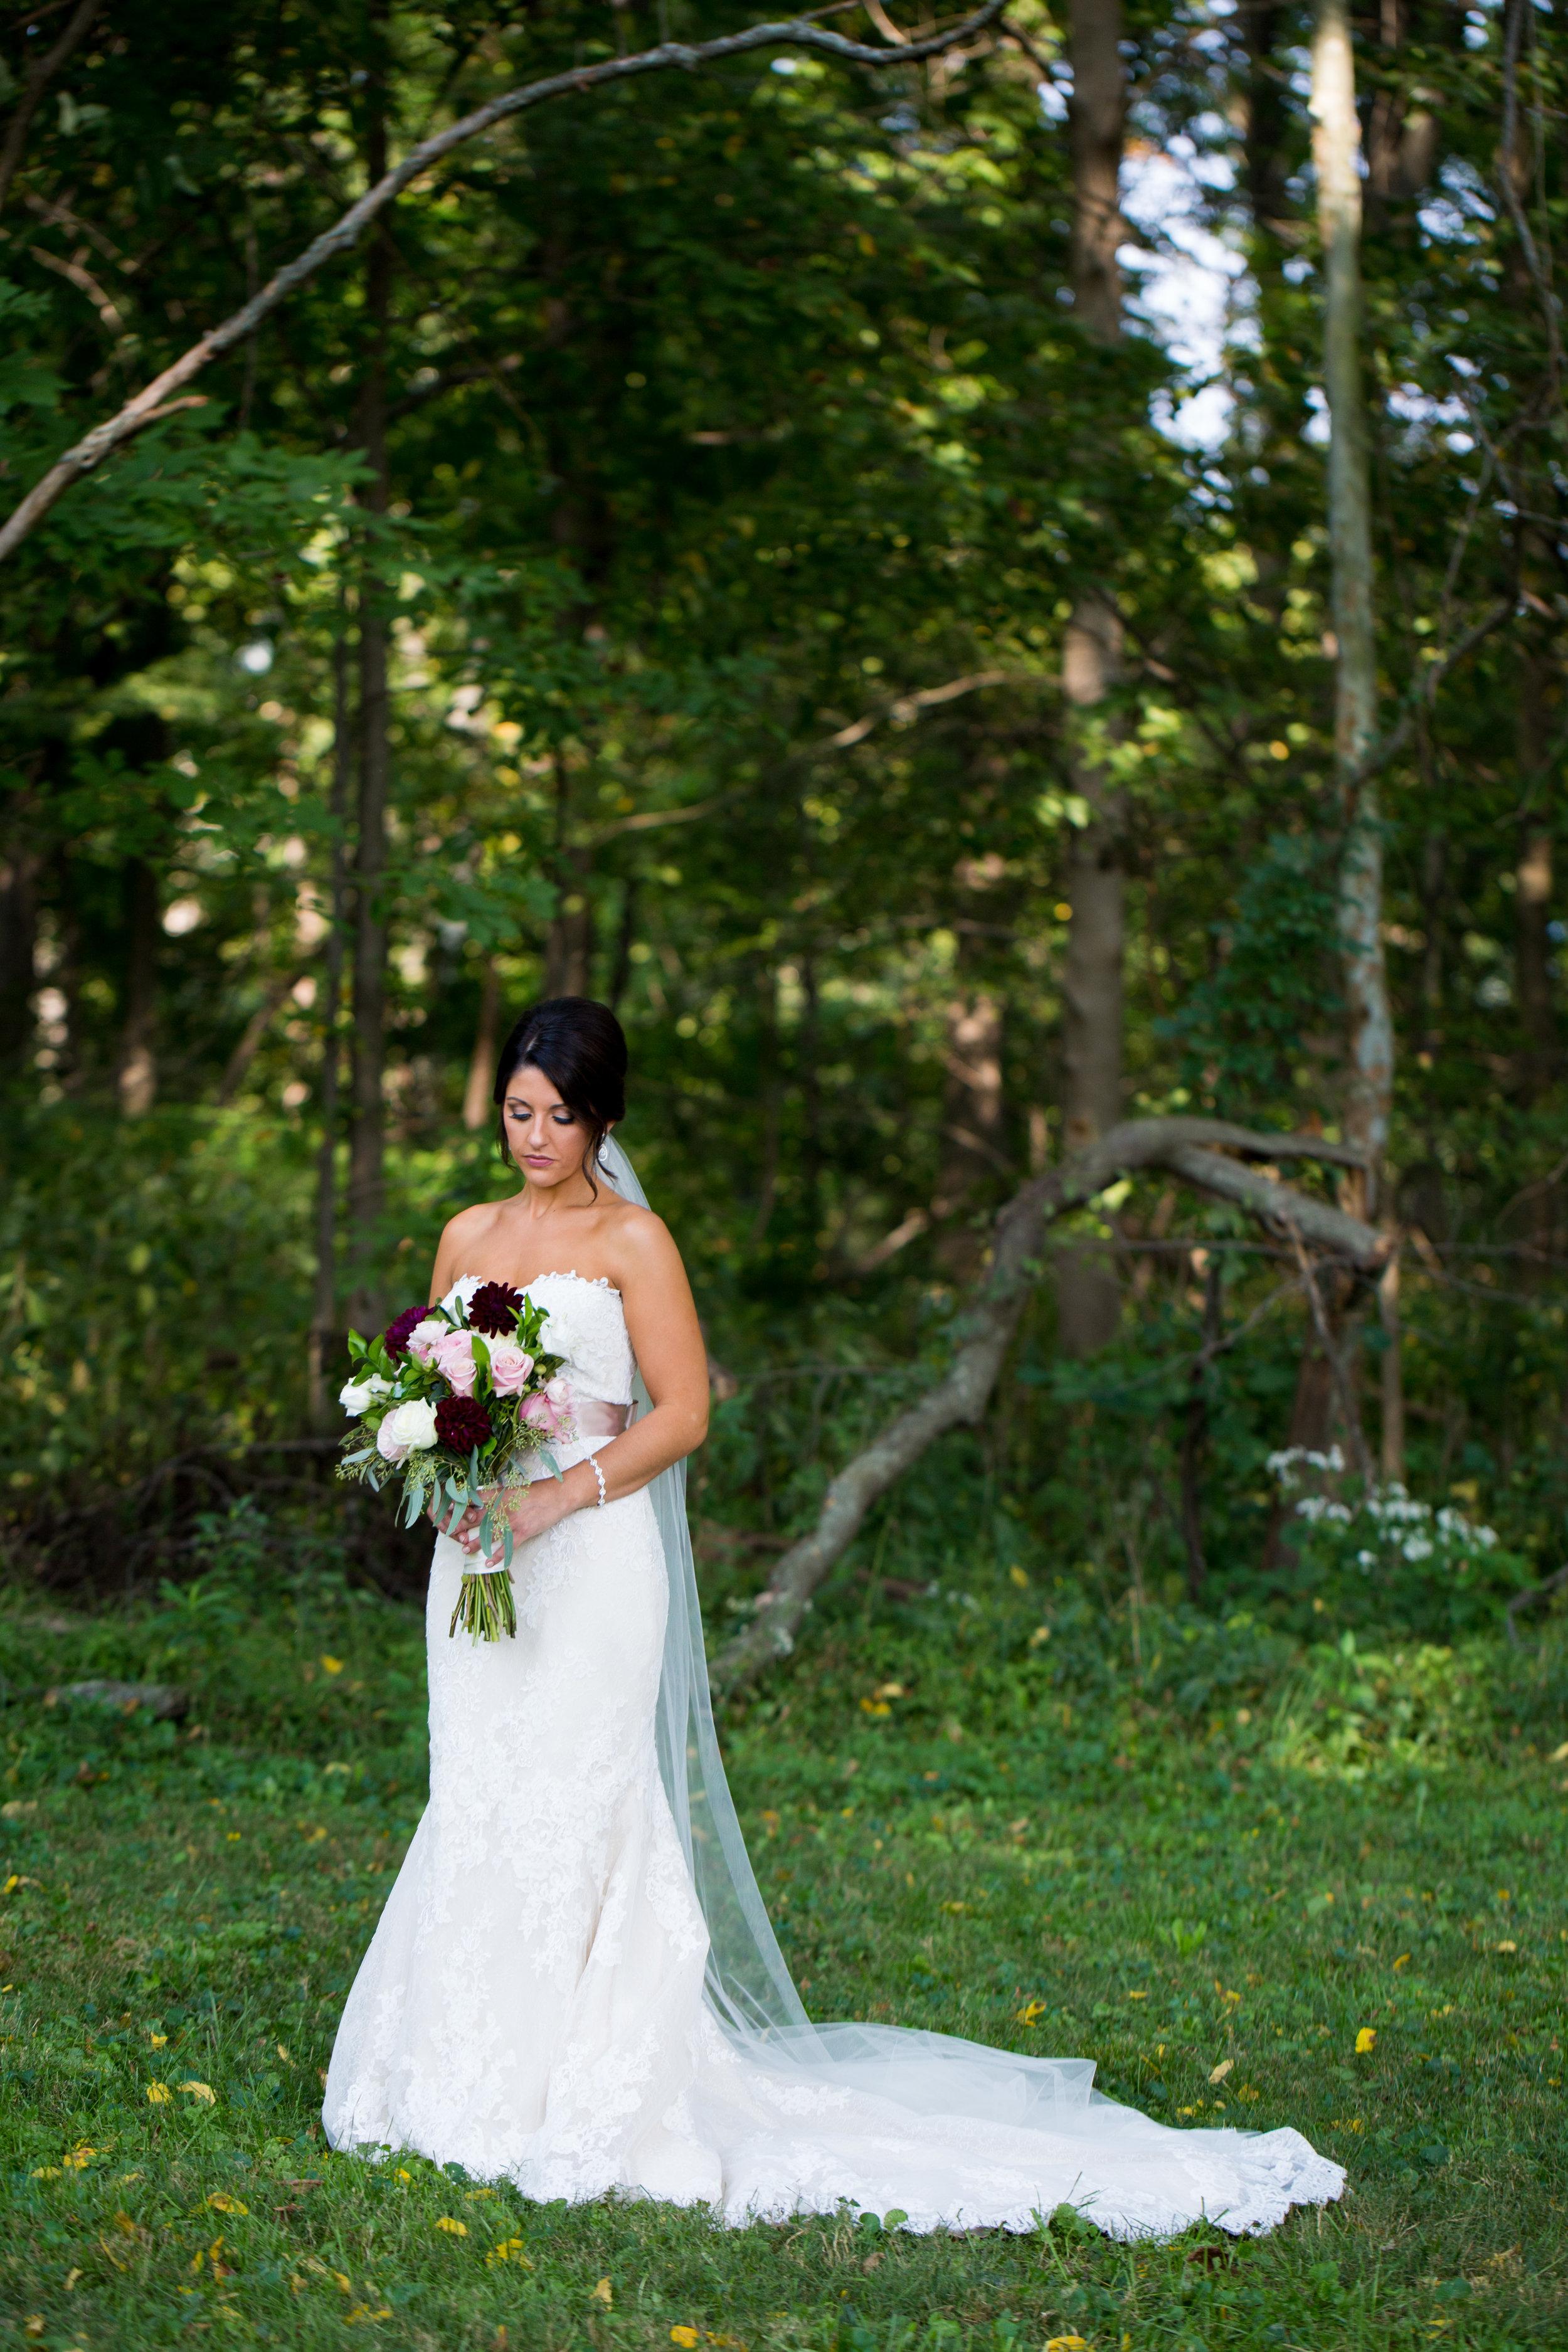 Lindsay+Austin_WedFav-24.jpg